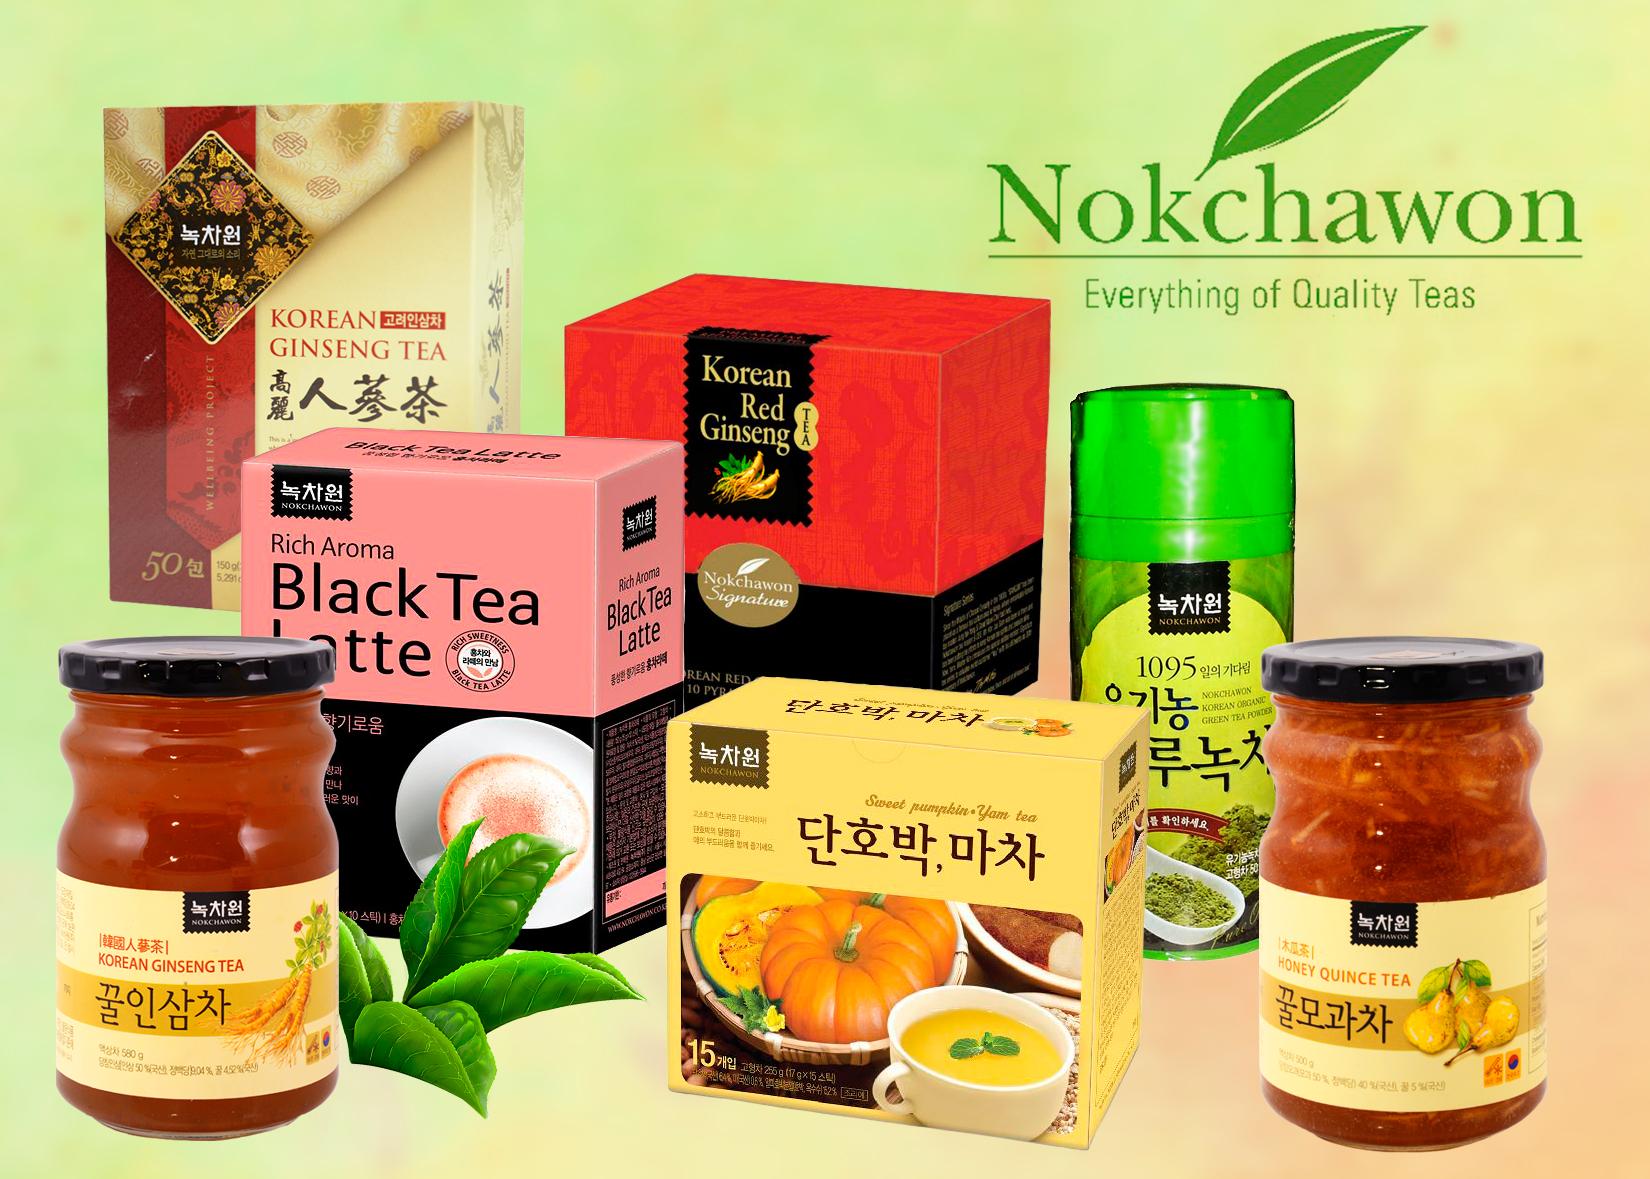 Корейский чай Nokchawon: распродажа.